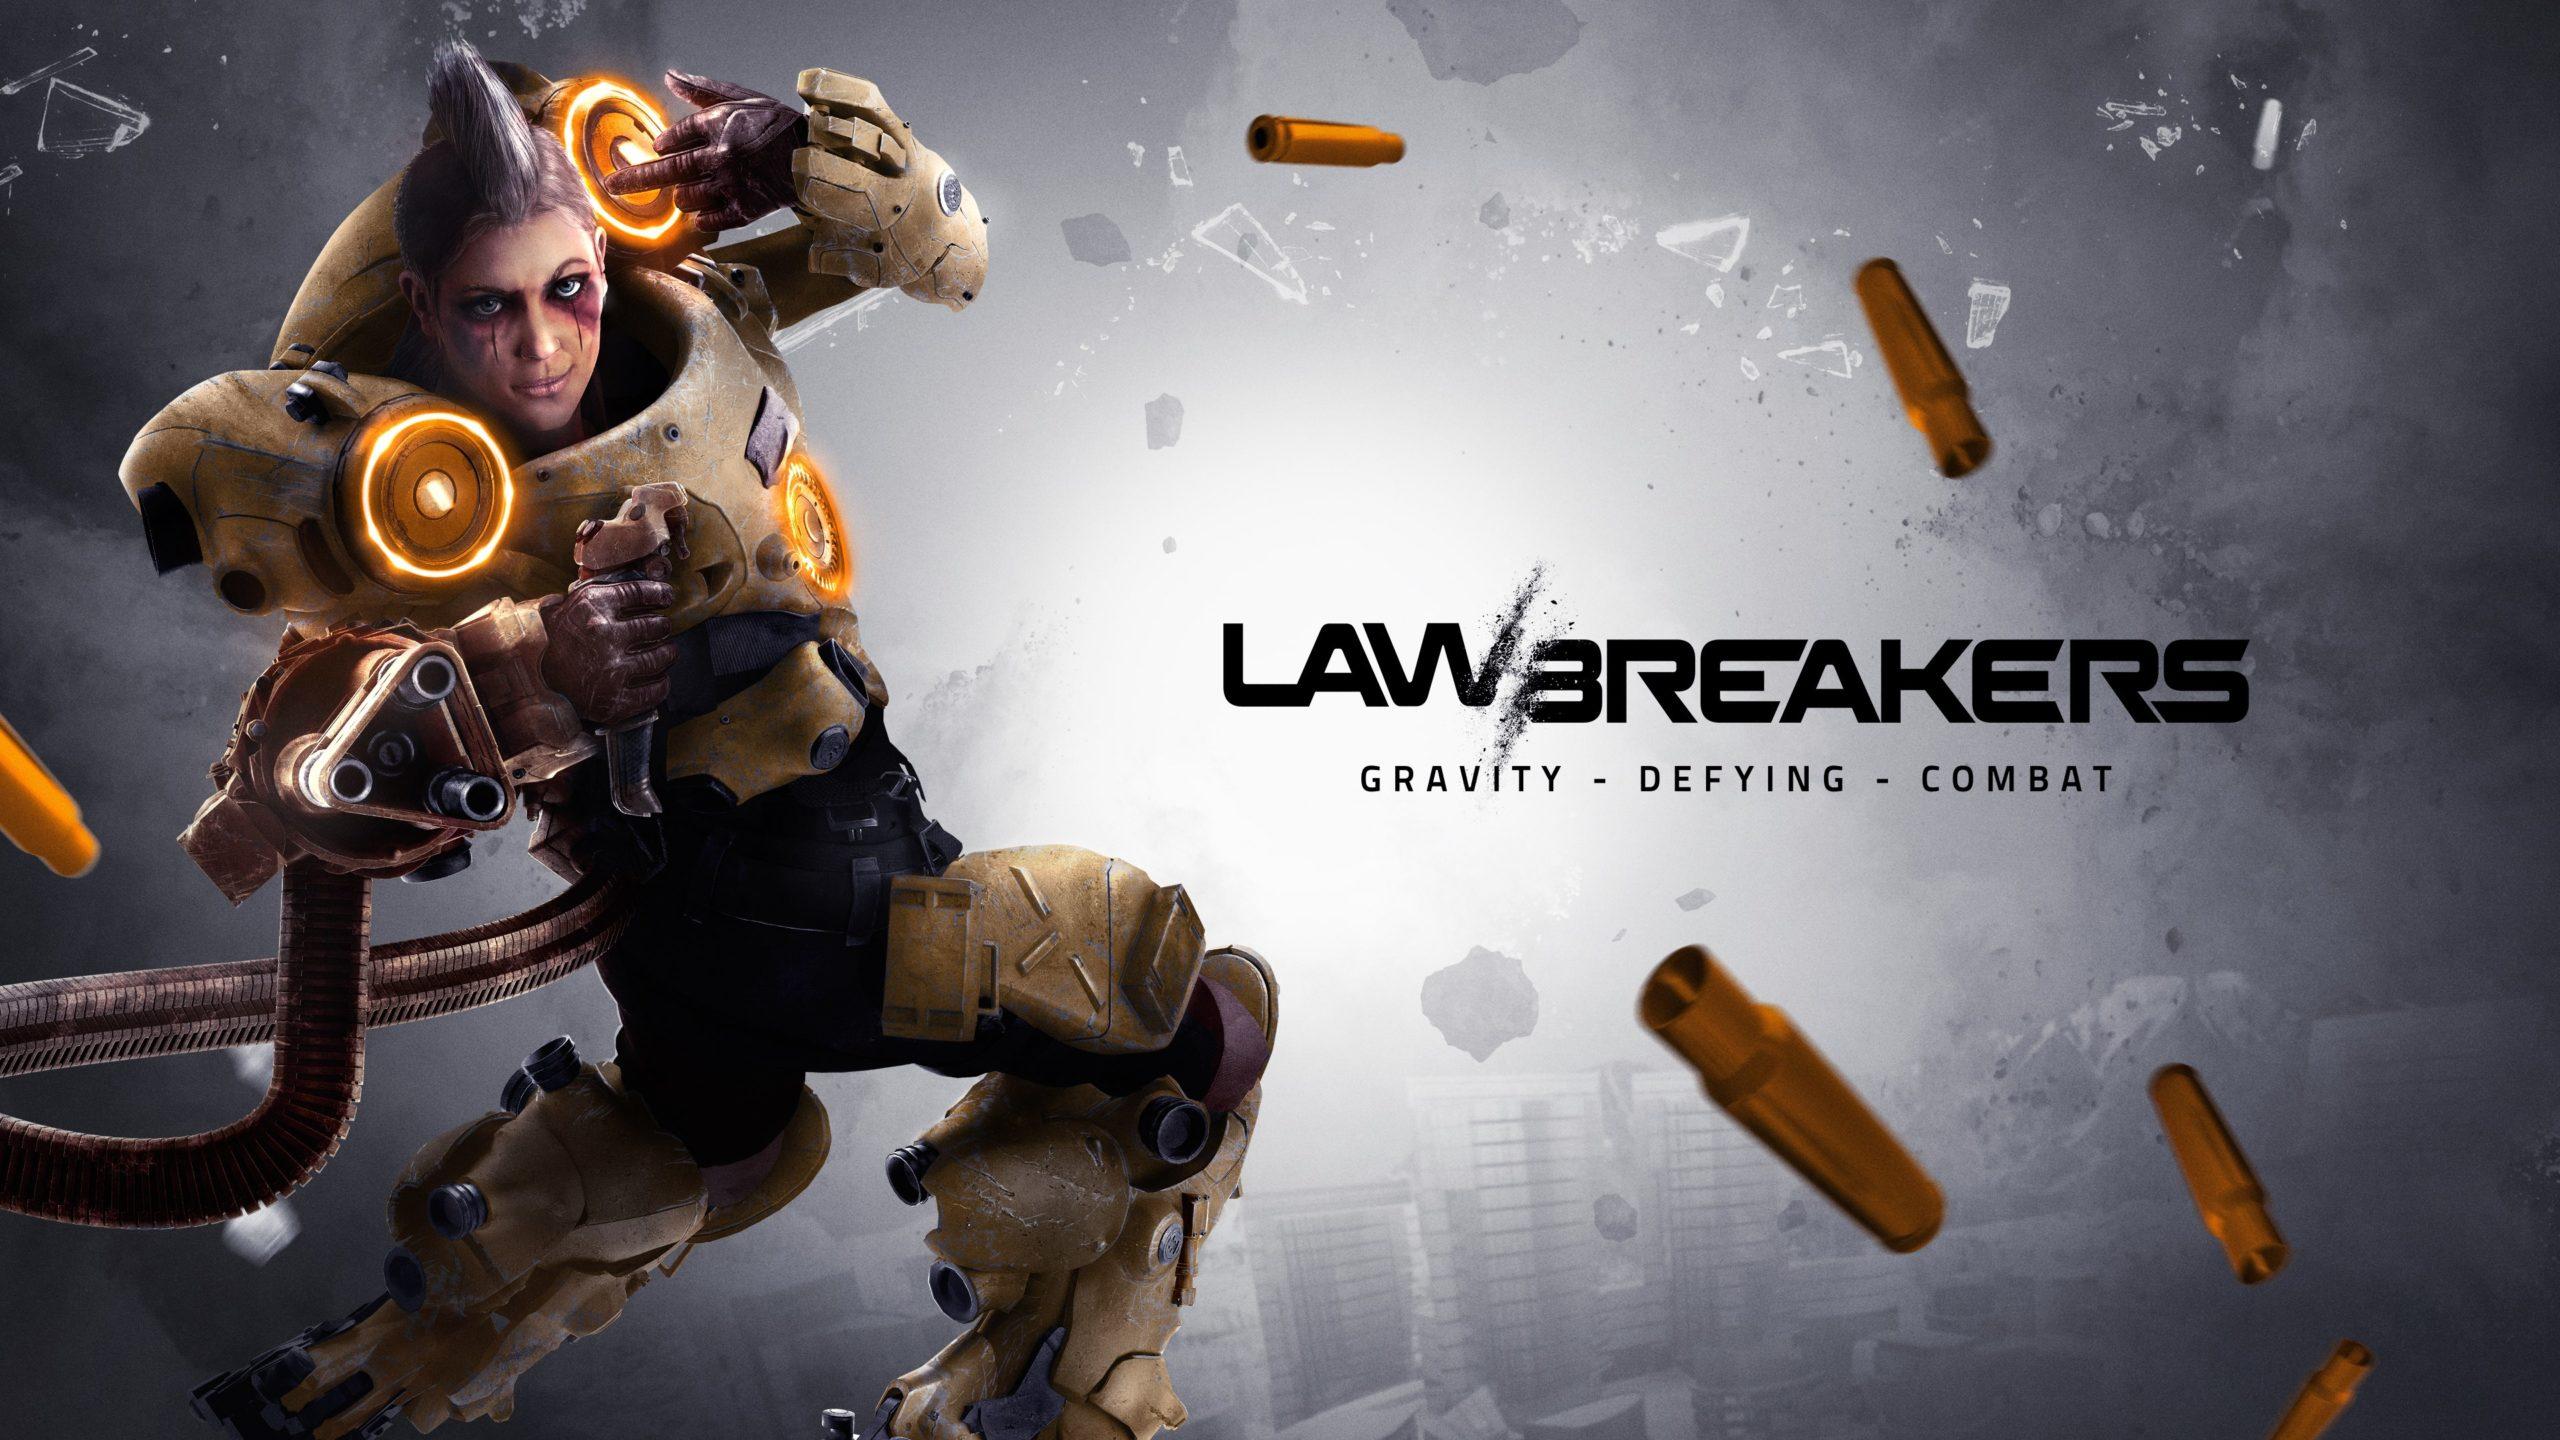 lawbreakers game ro scaled